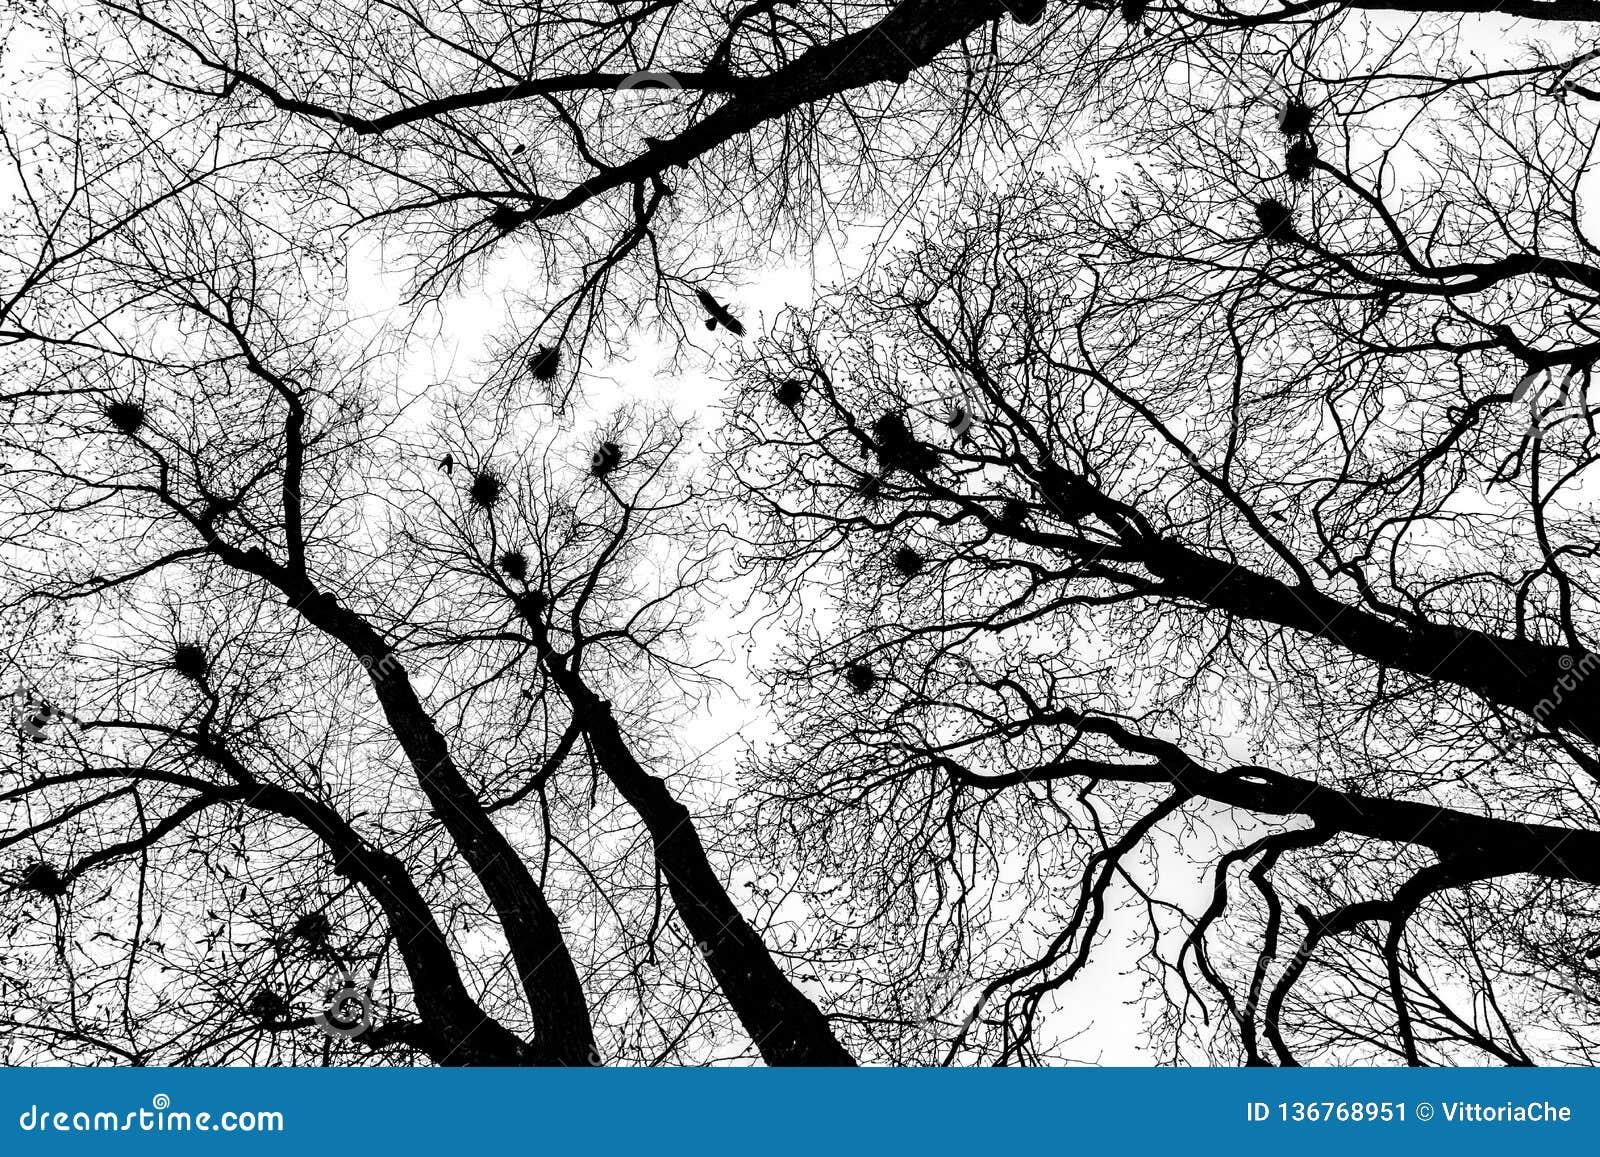 Silhouette of dark raven flying above bare trees